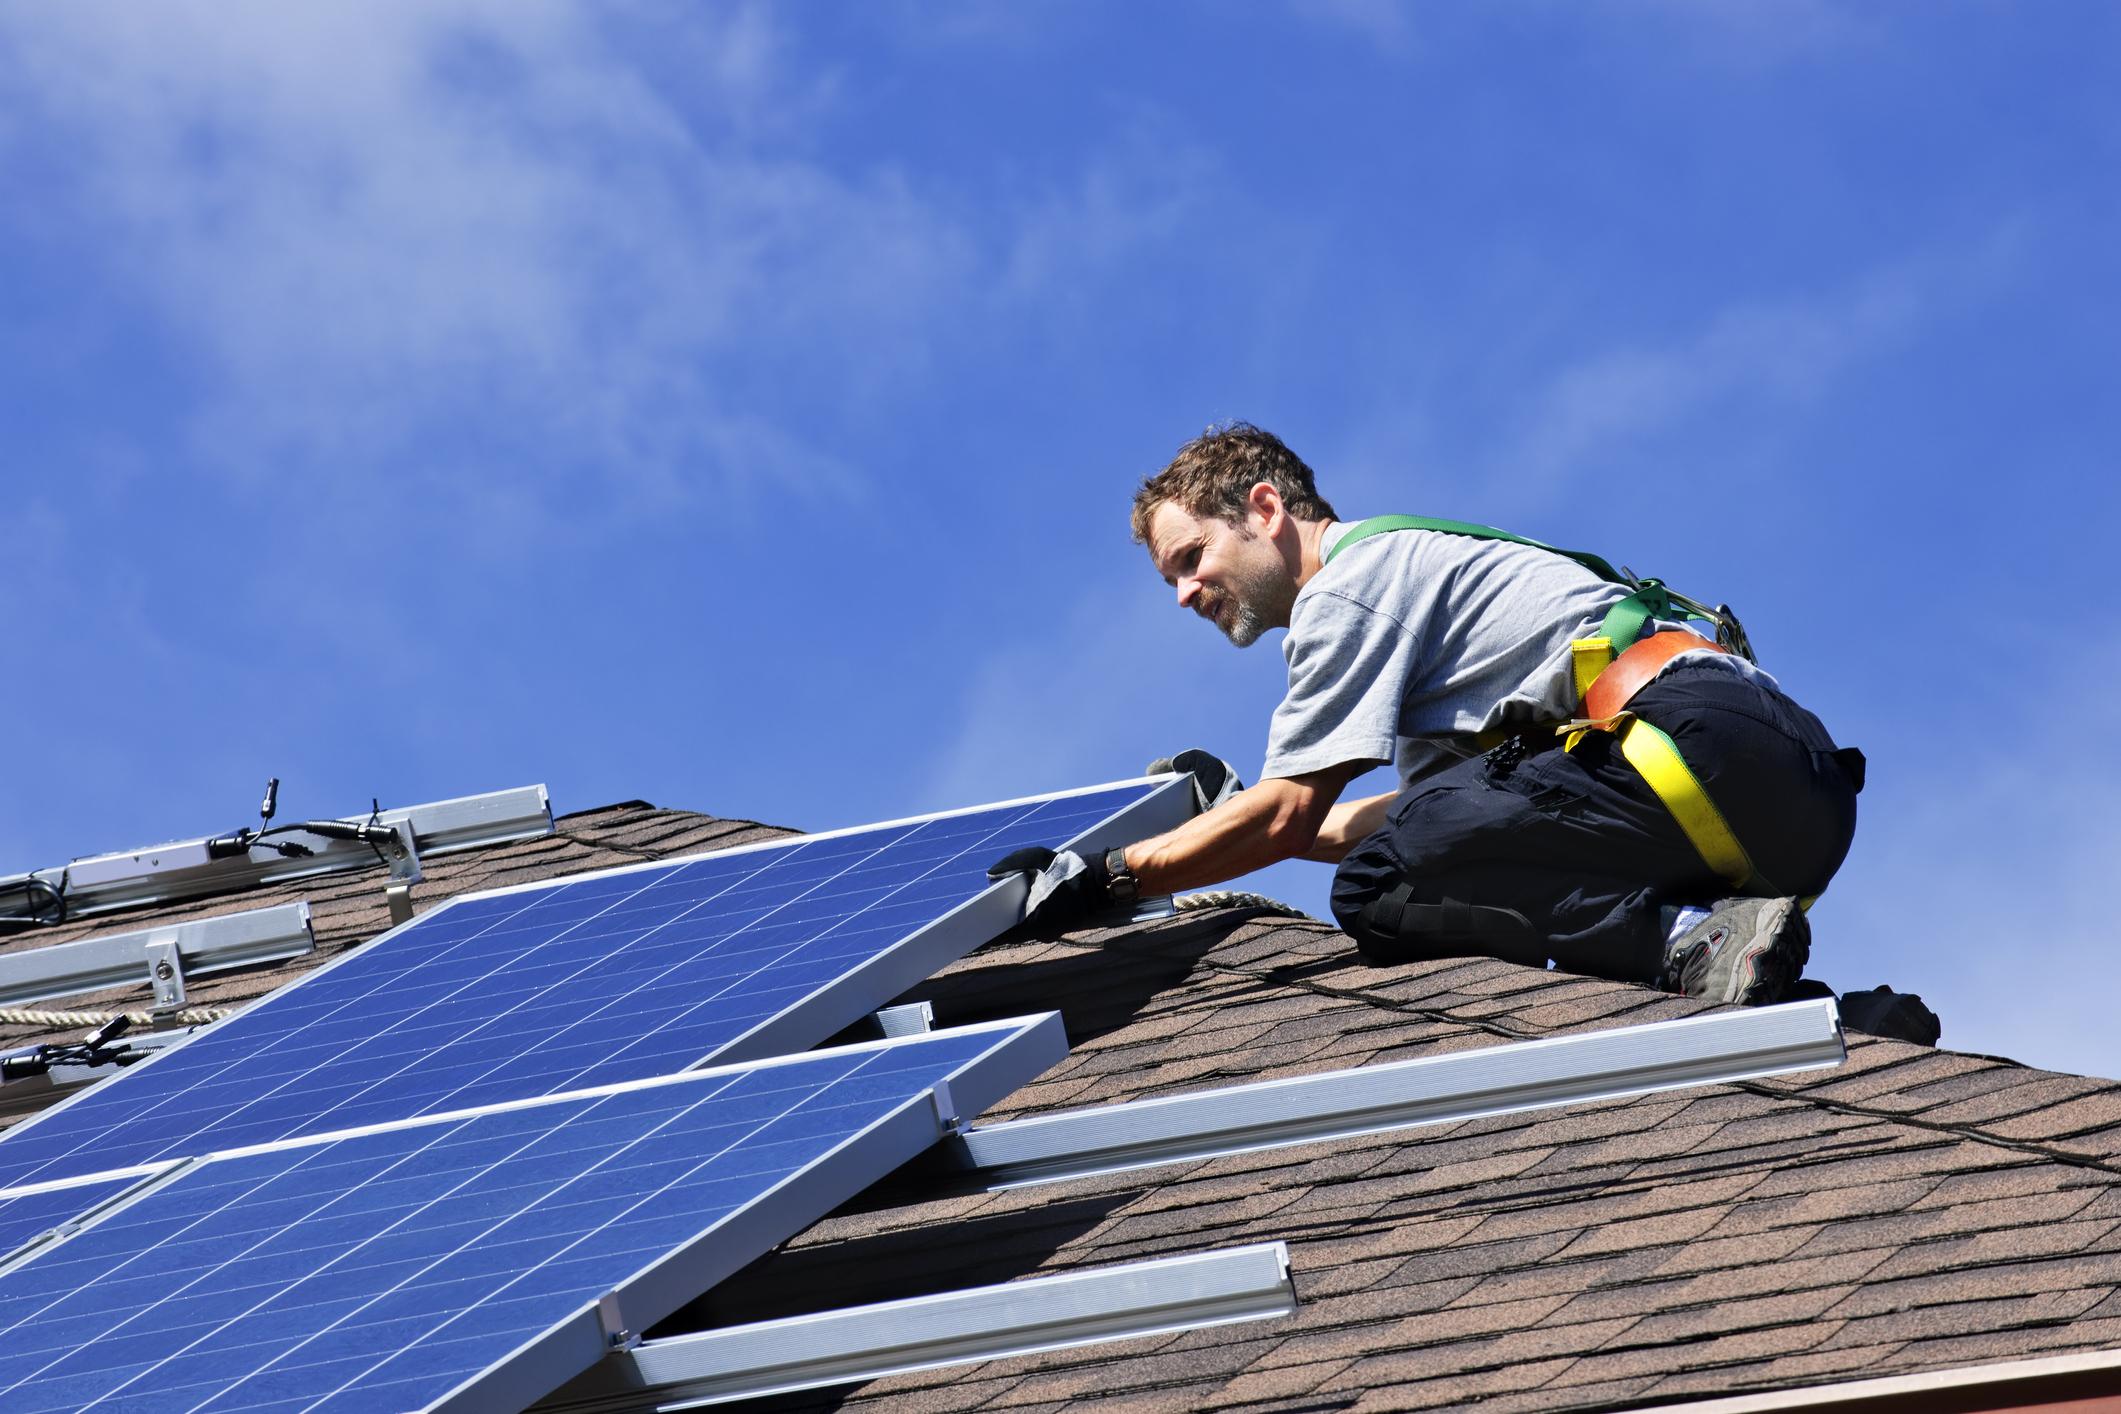 Installation panneaux photovoltaïques en surimposition toit en pente incliné Energreen